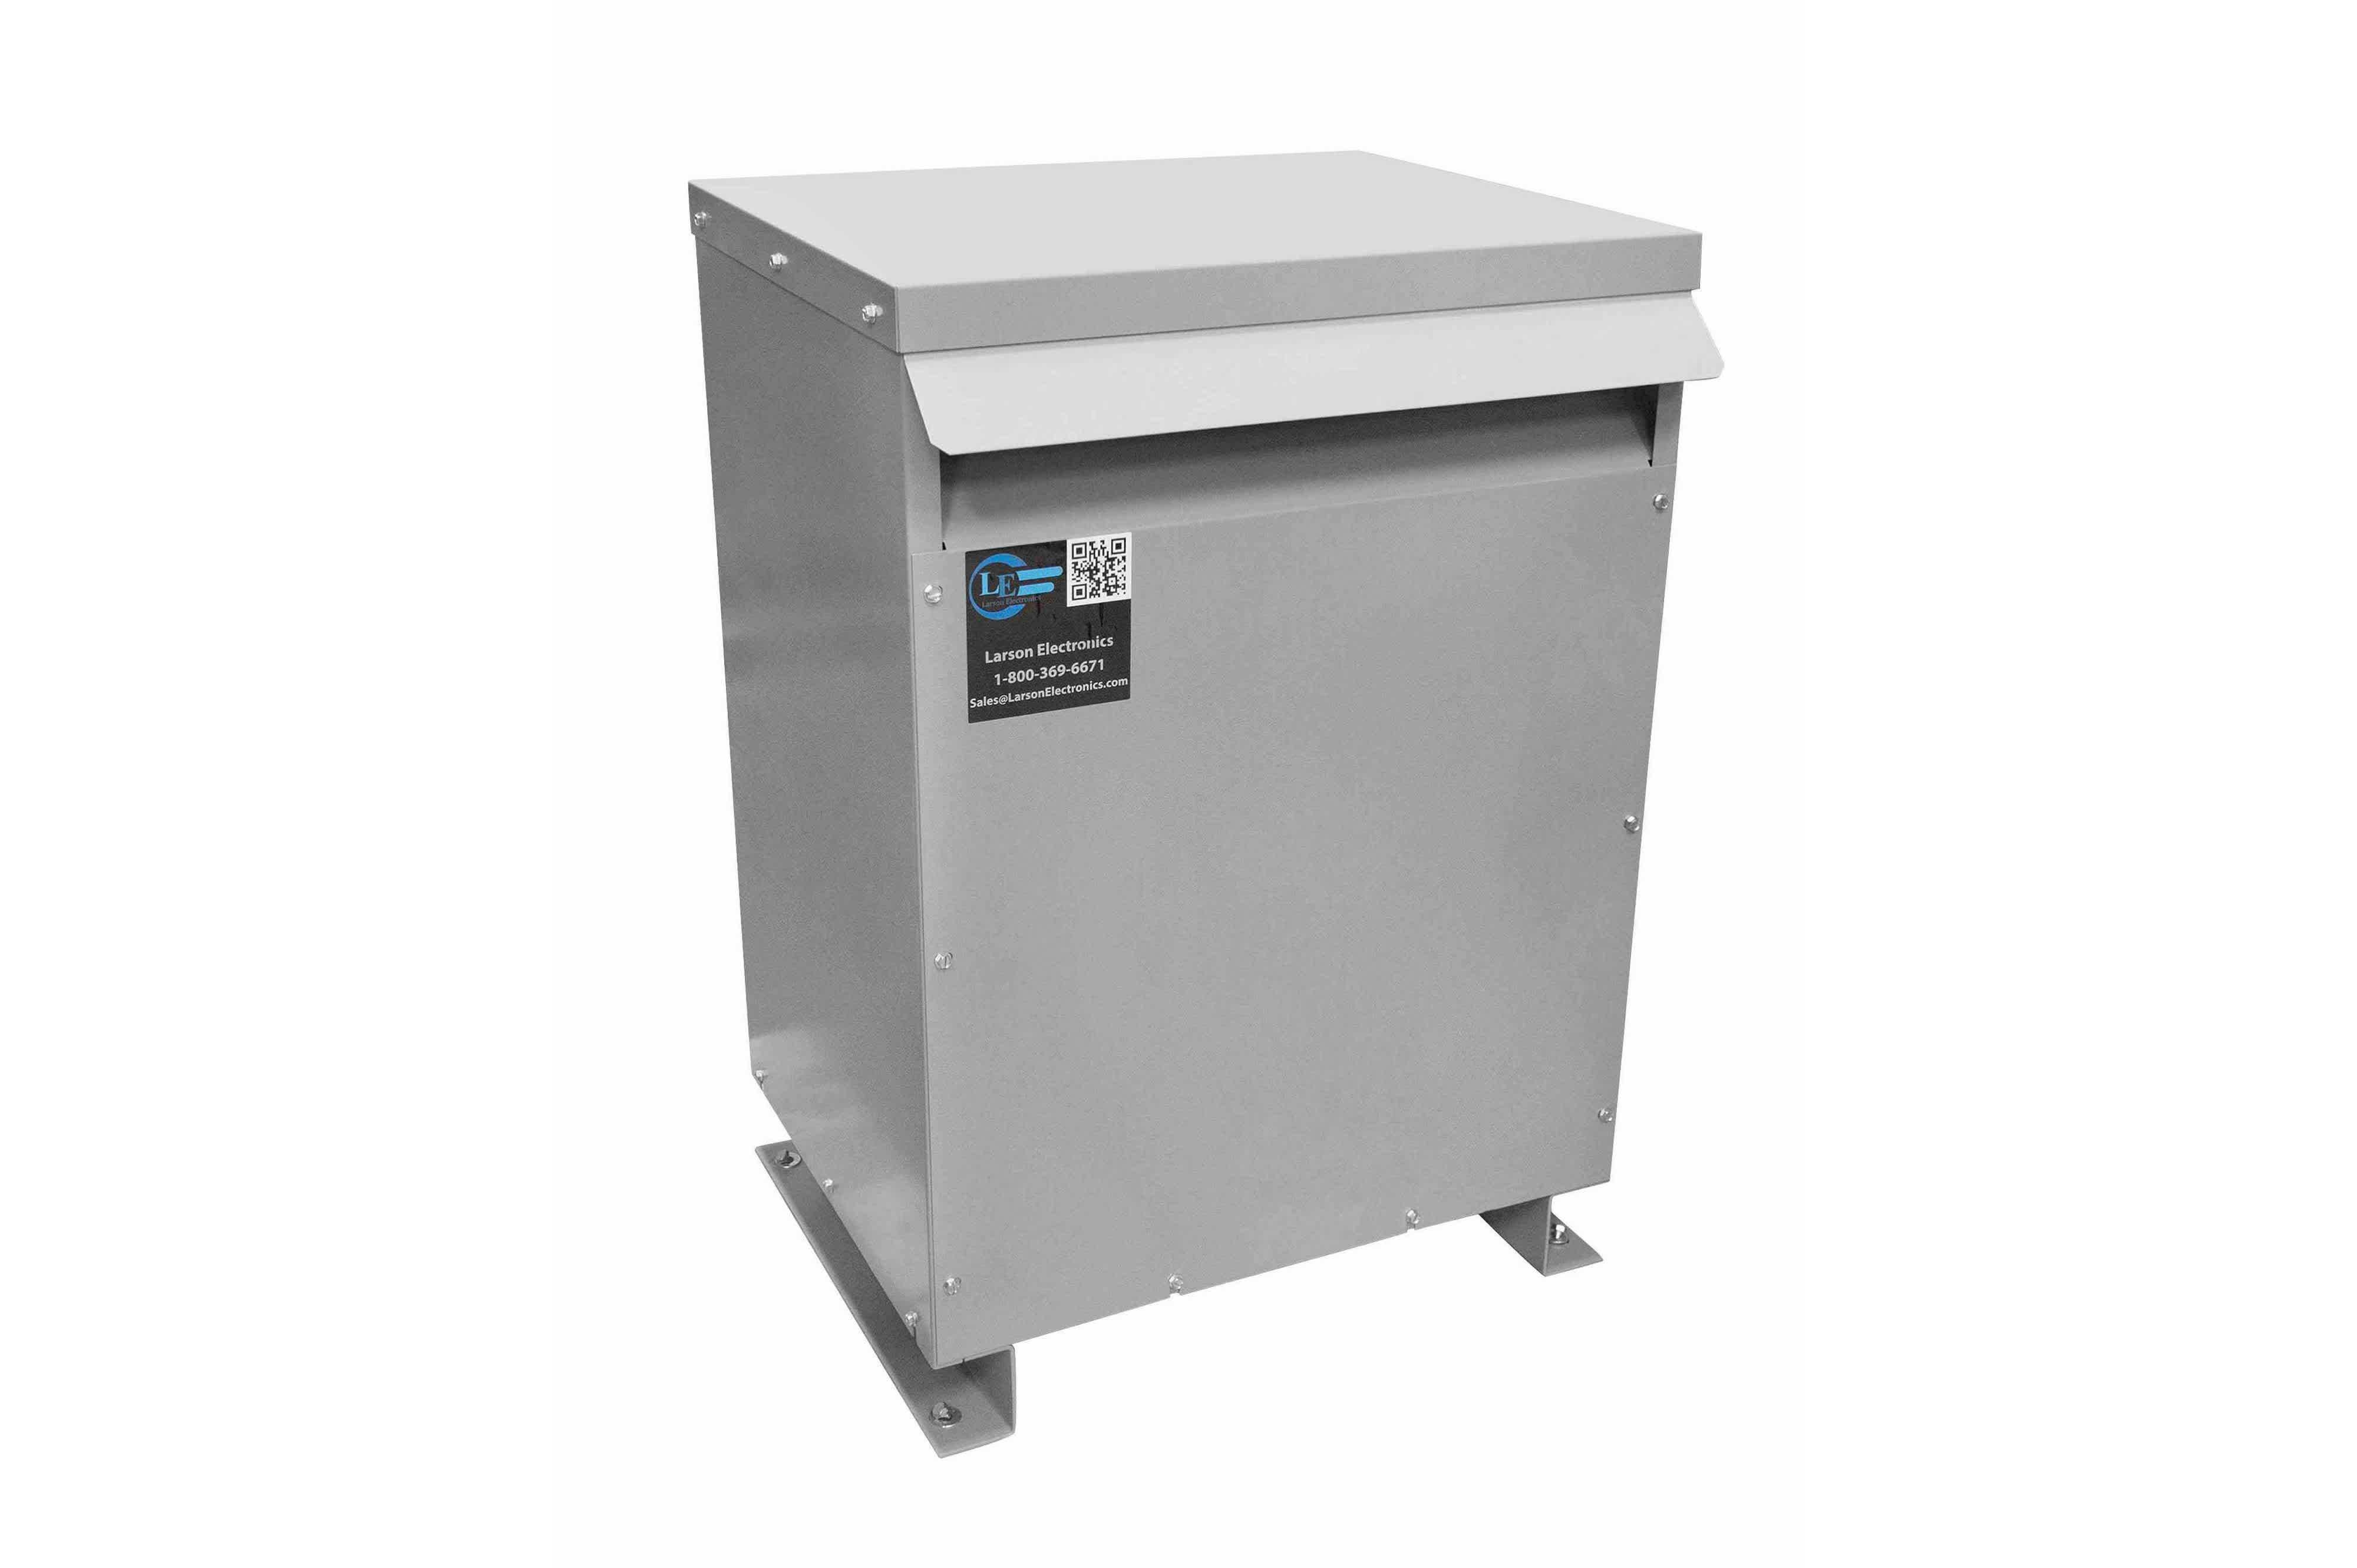 36 kVA 3PH Isolation Transformer, 600V Delta Primary, 380V Delta Secondary, N3R, Ventilated, 60 Hz